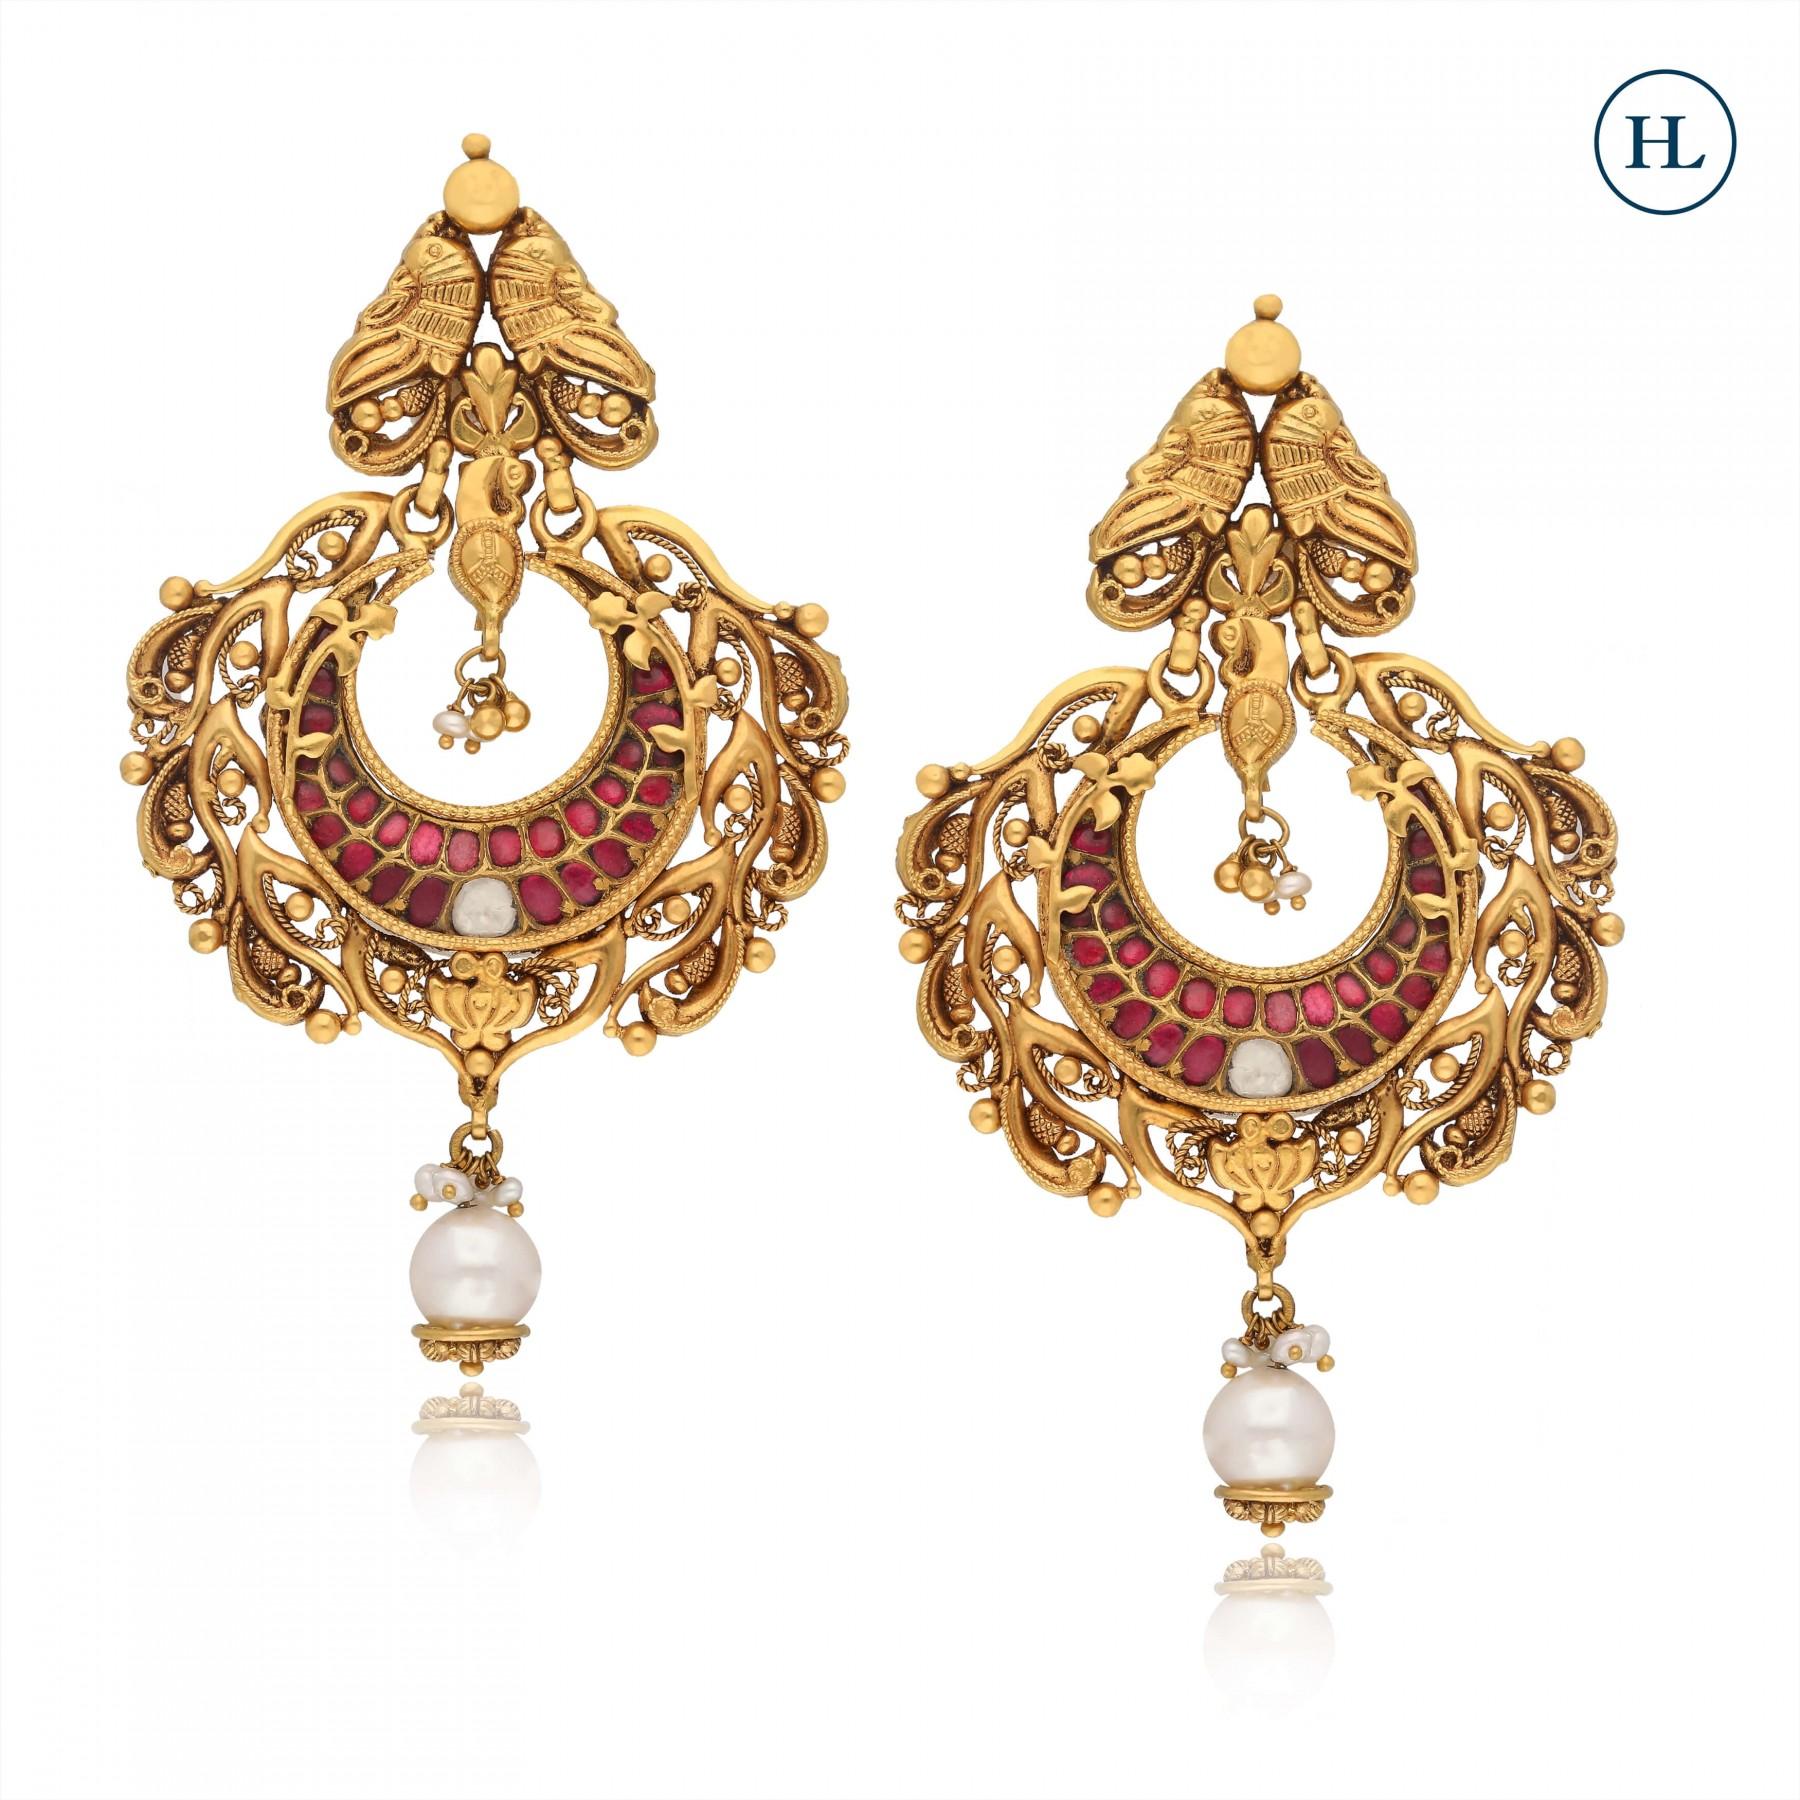 Polki & Gold Earrings